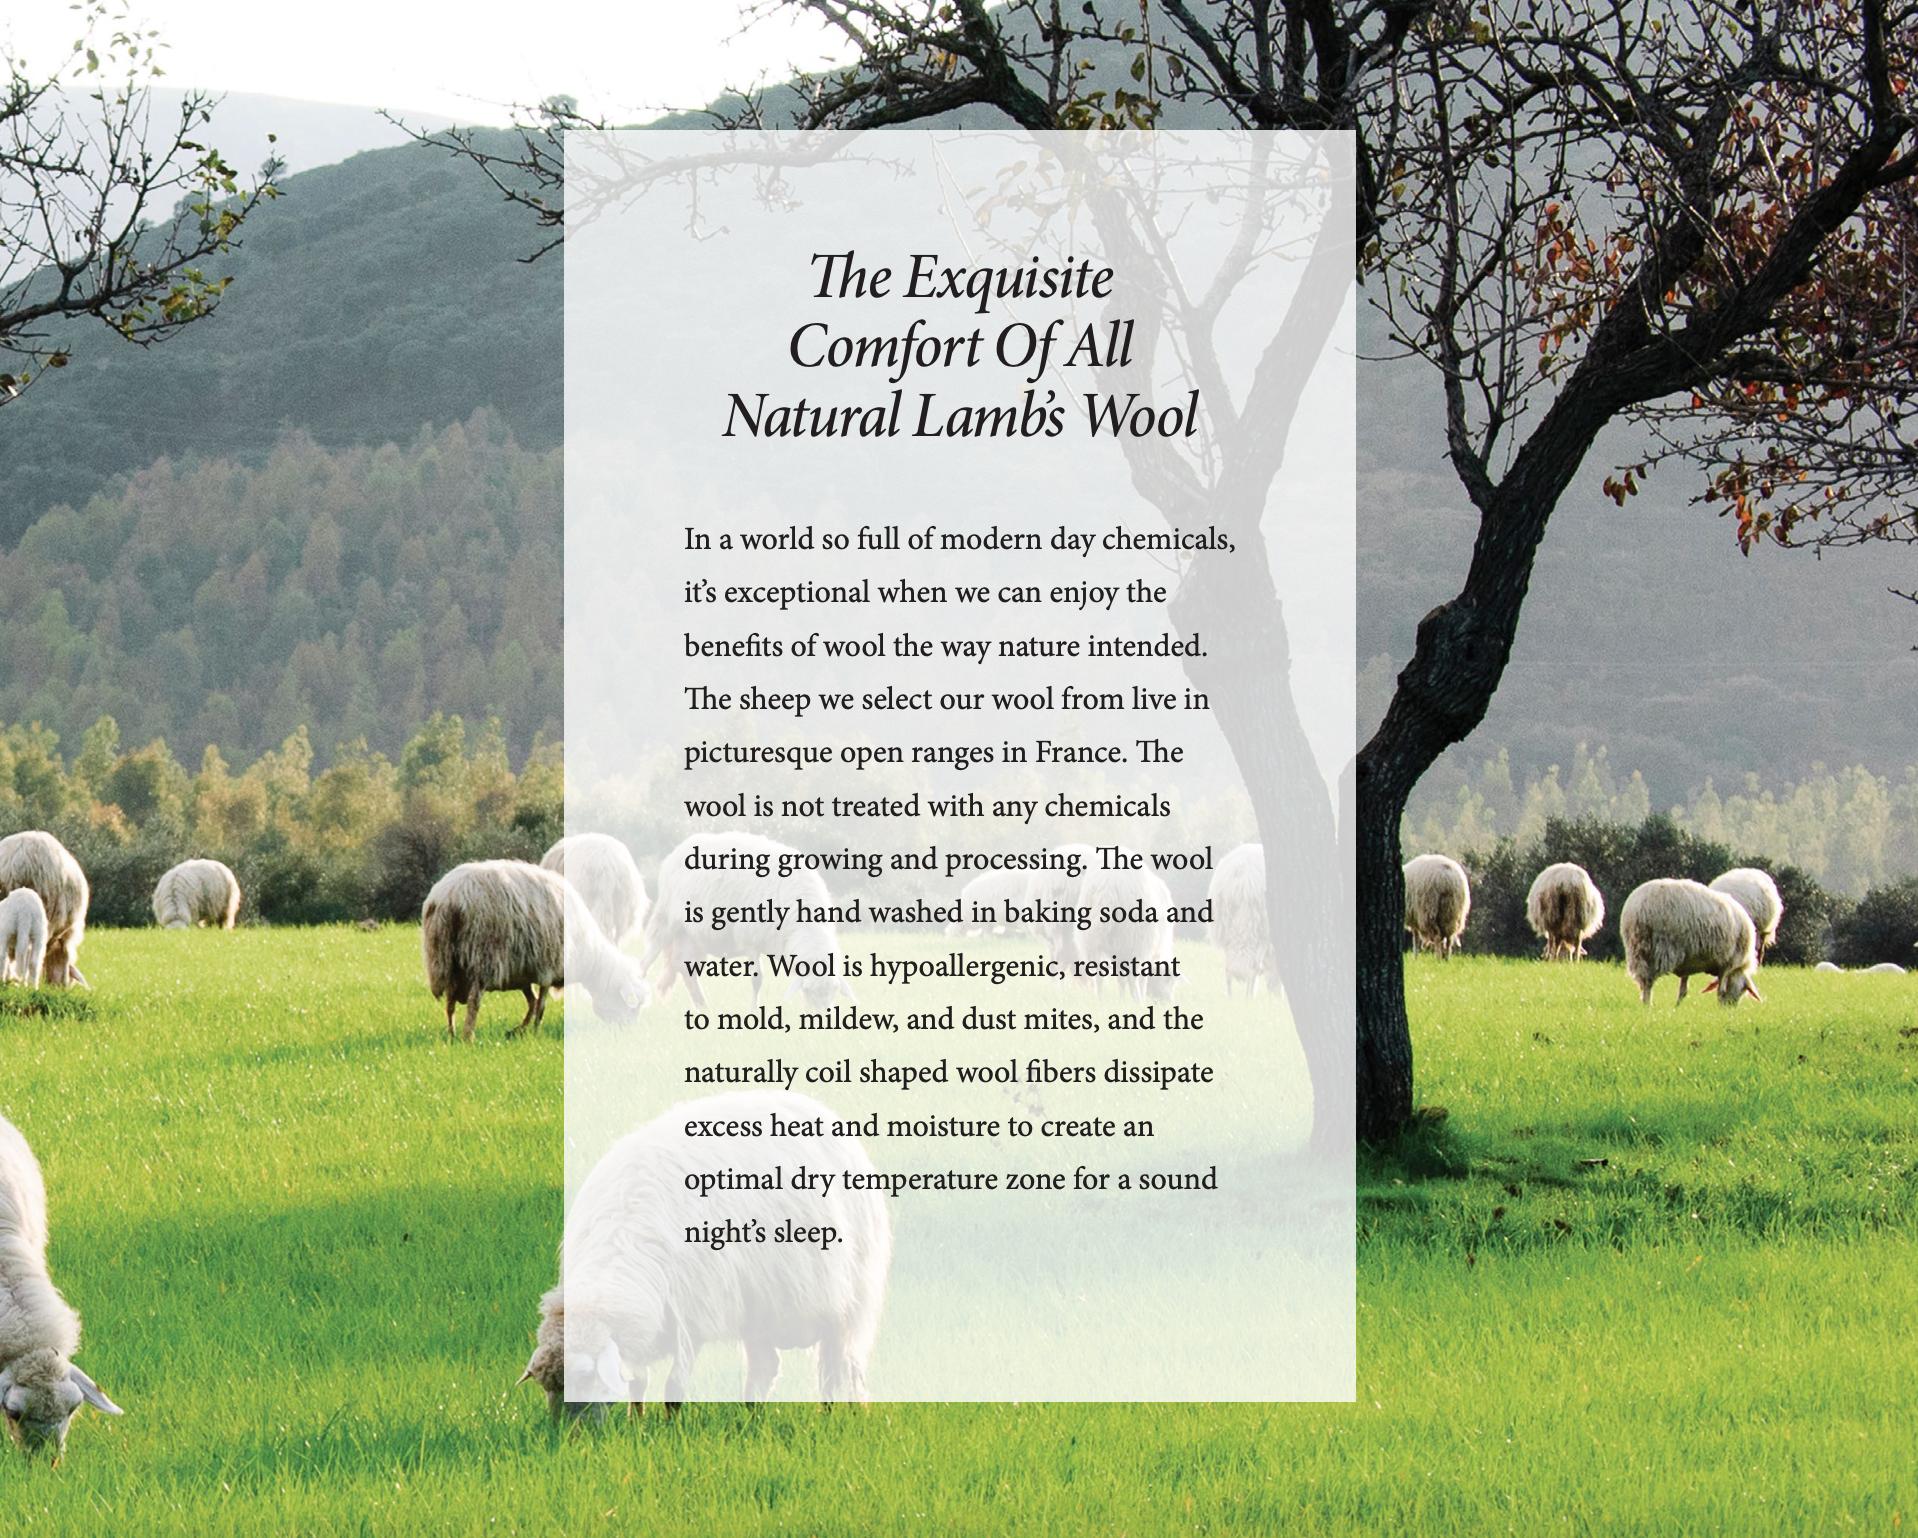 Royal Pedic Natural Lambs Wool